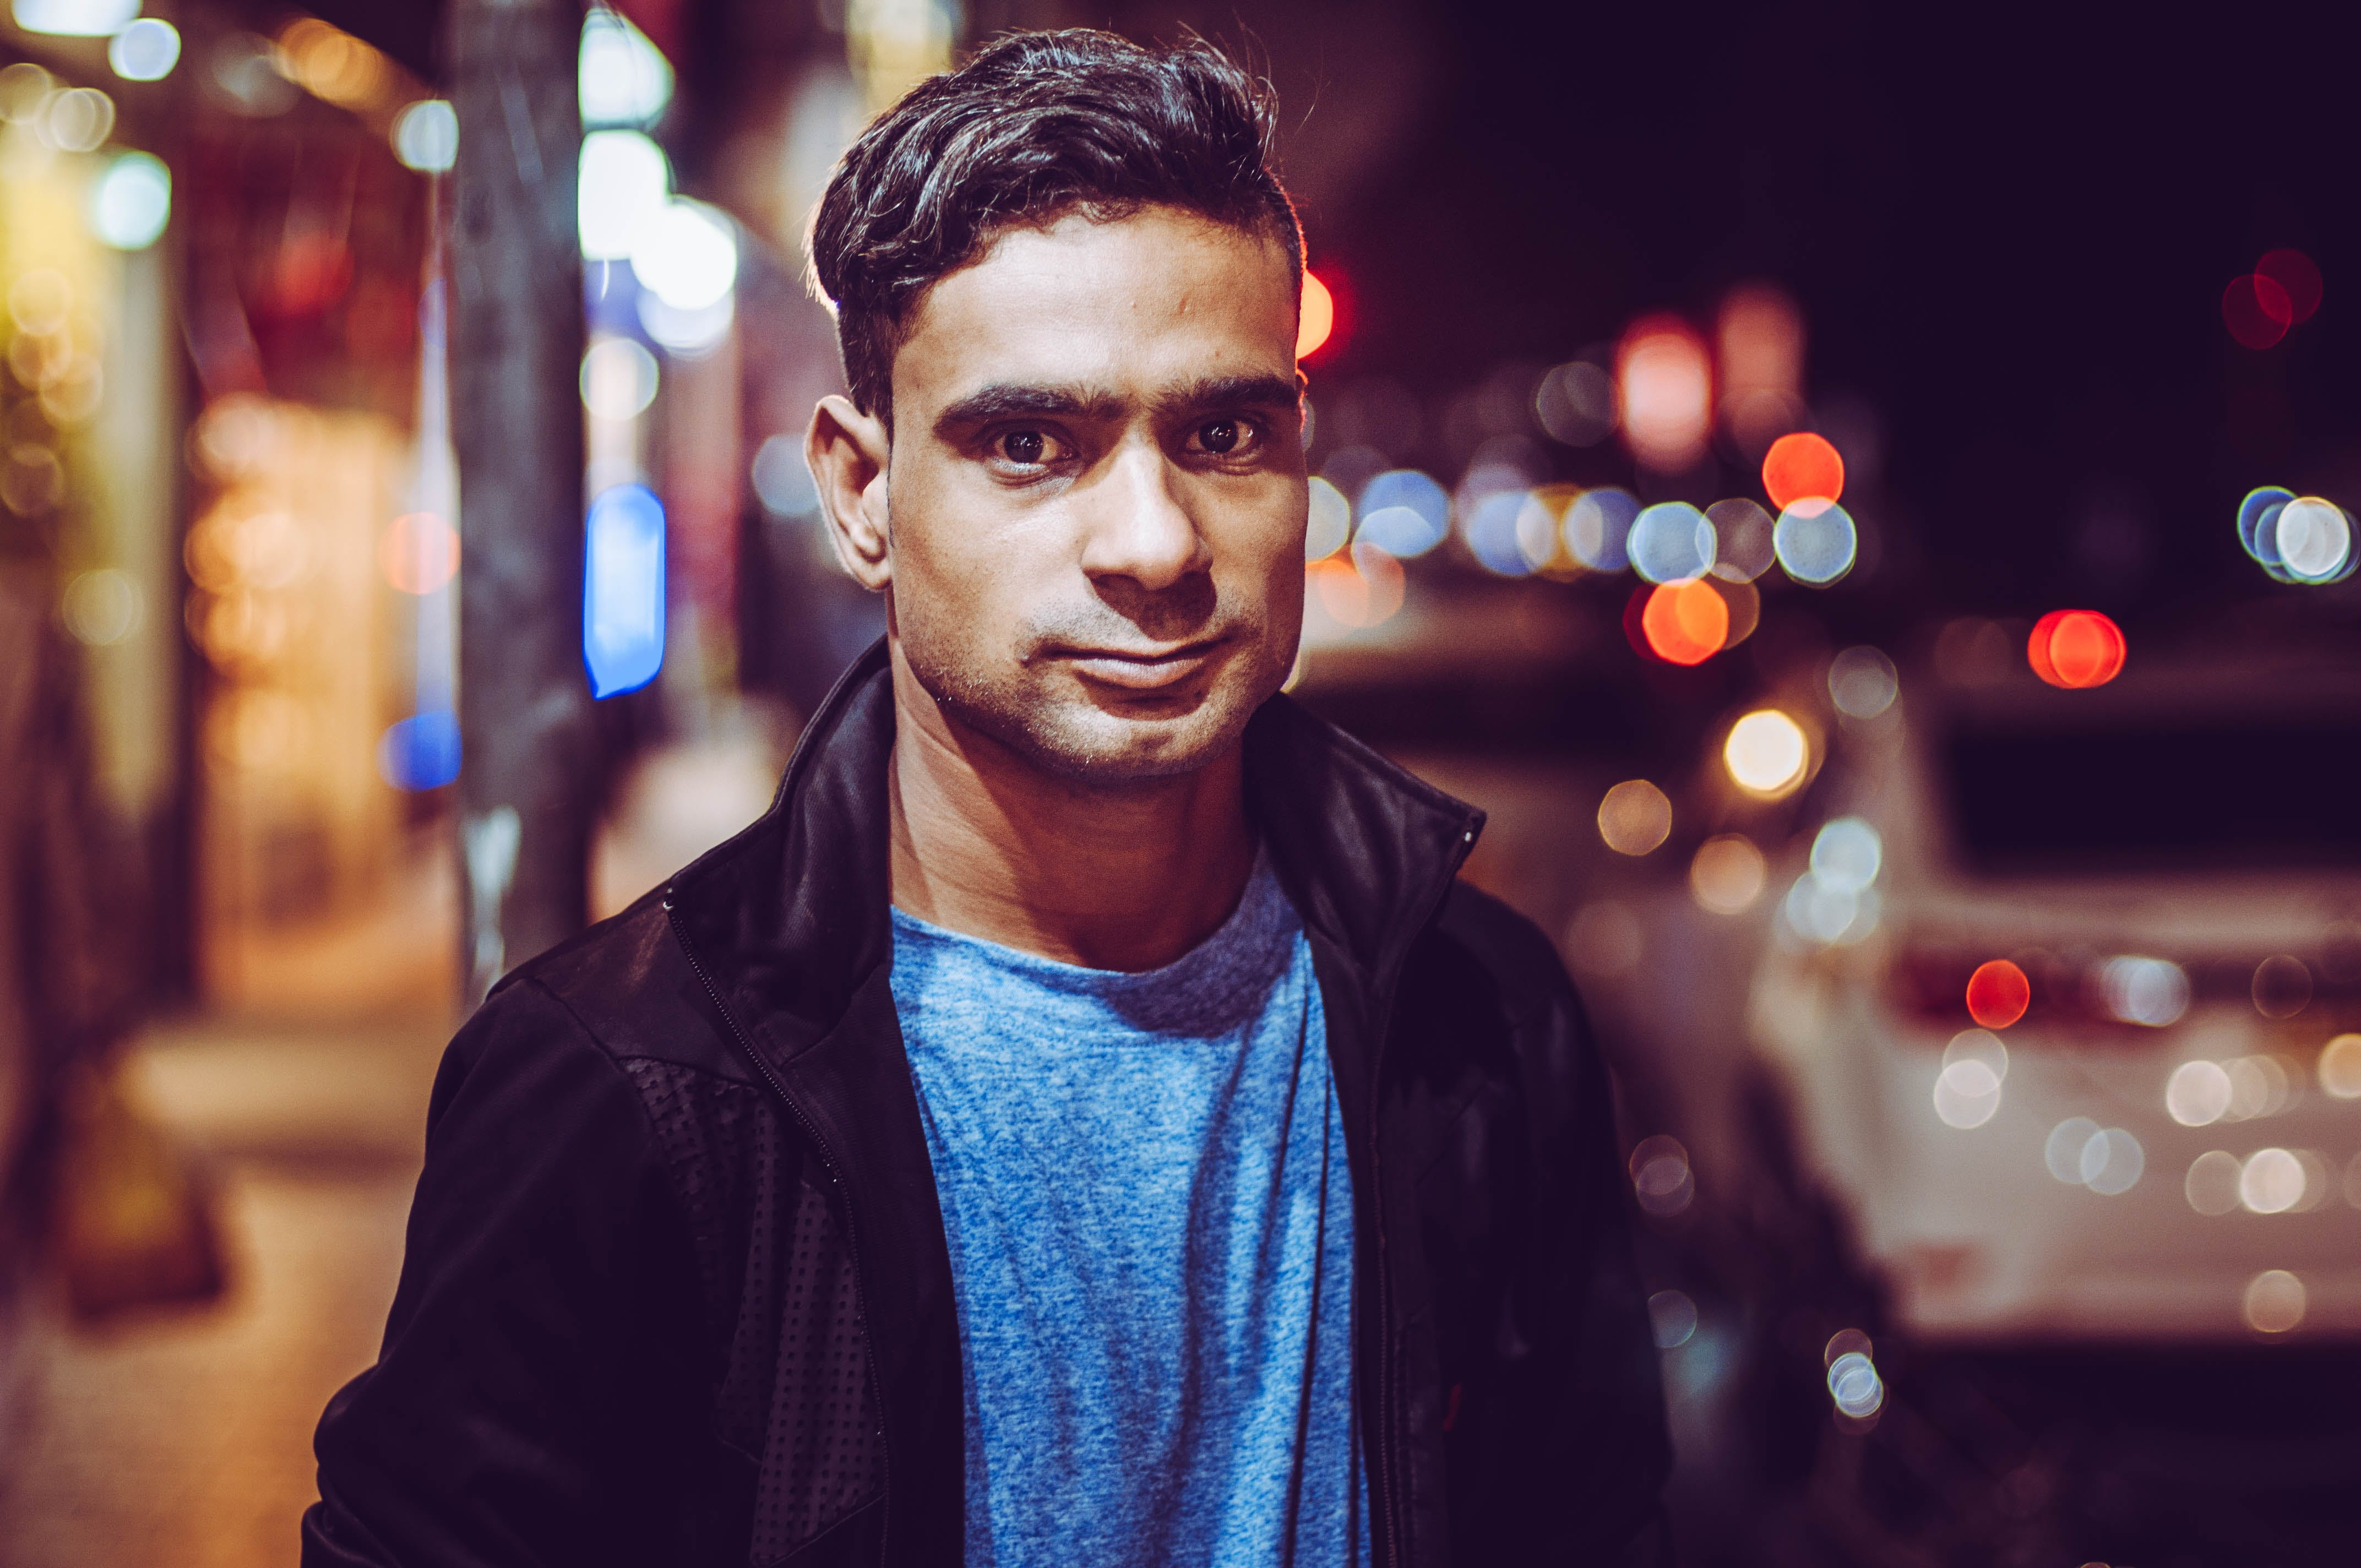 Immagine gratuita di indossare, persona, ragazzo indiano, ritratto